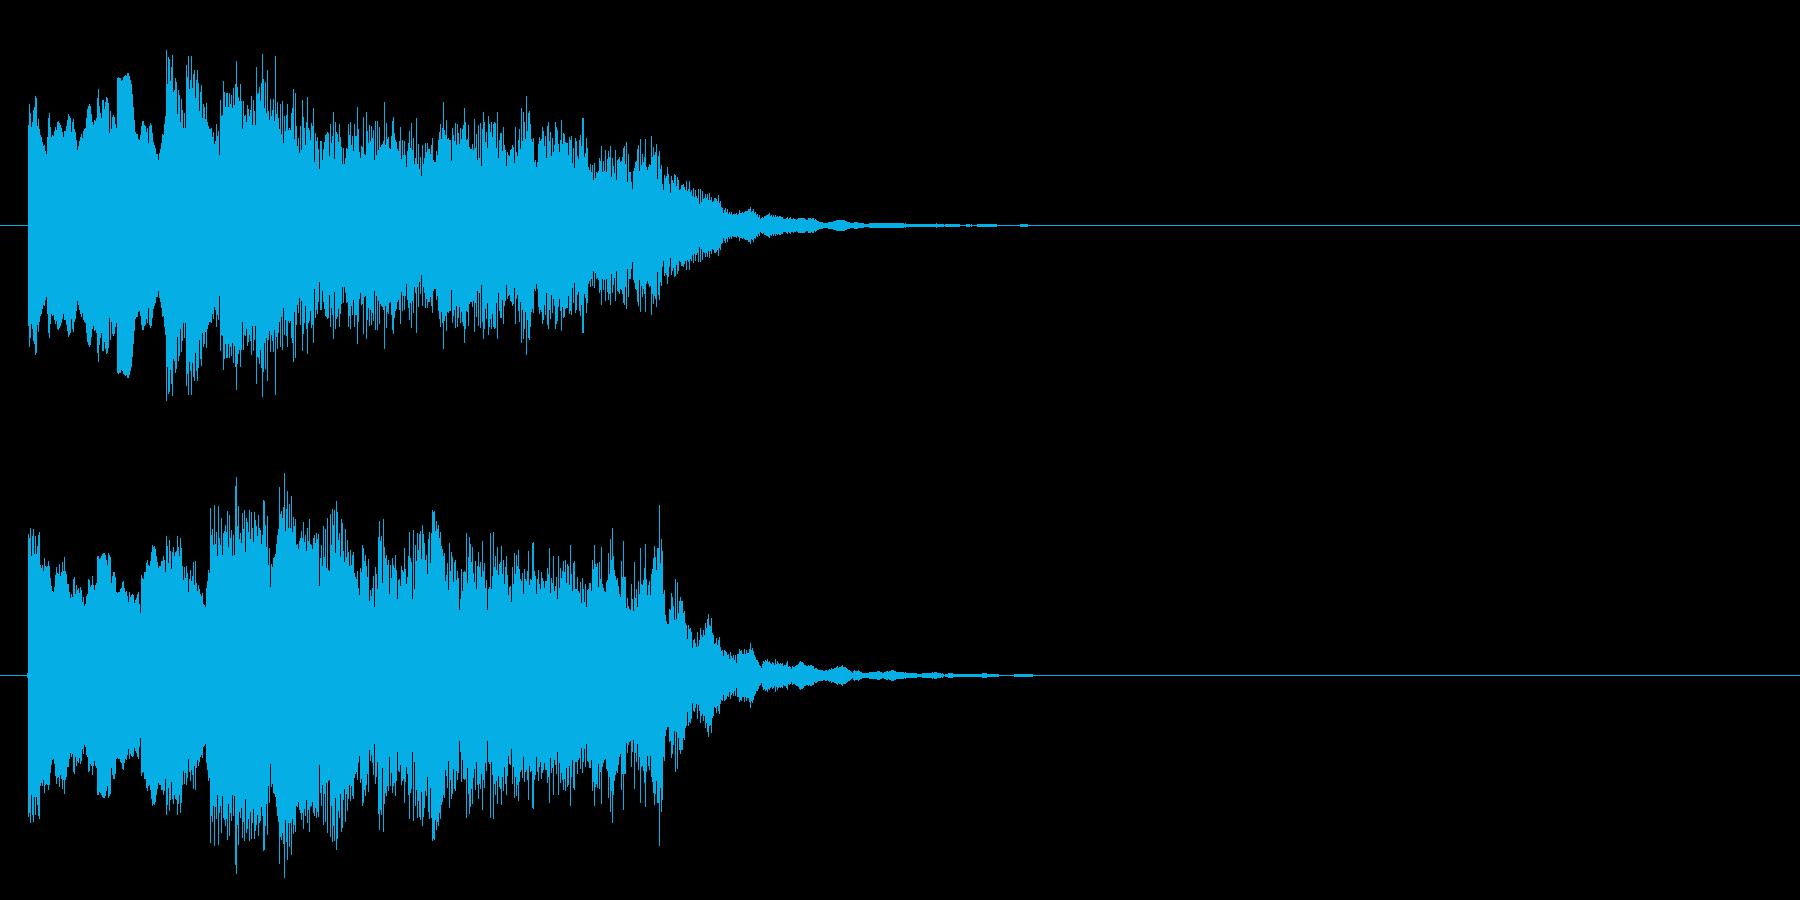 場面転換 しっとり 幻想 科学 不思議の再生済みの波形